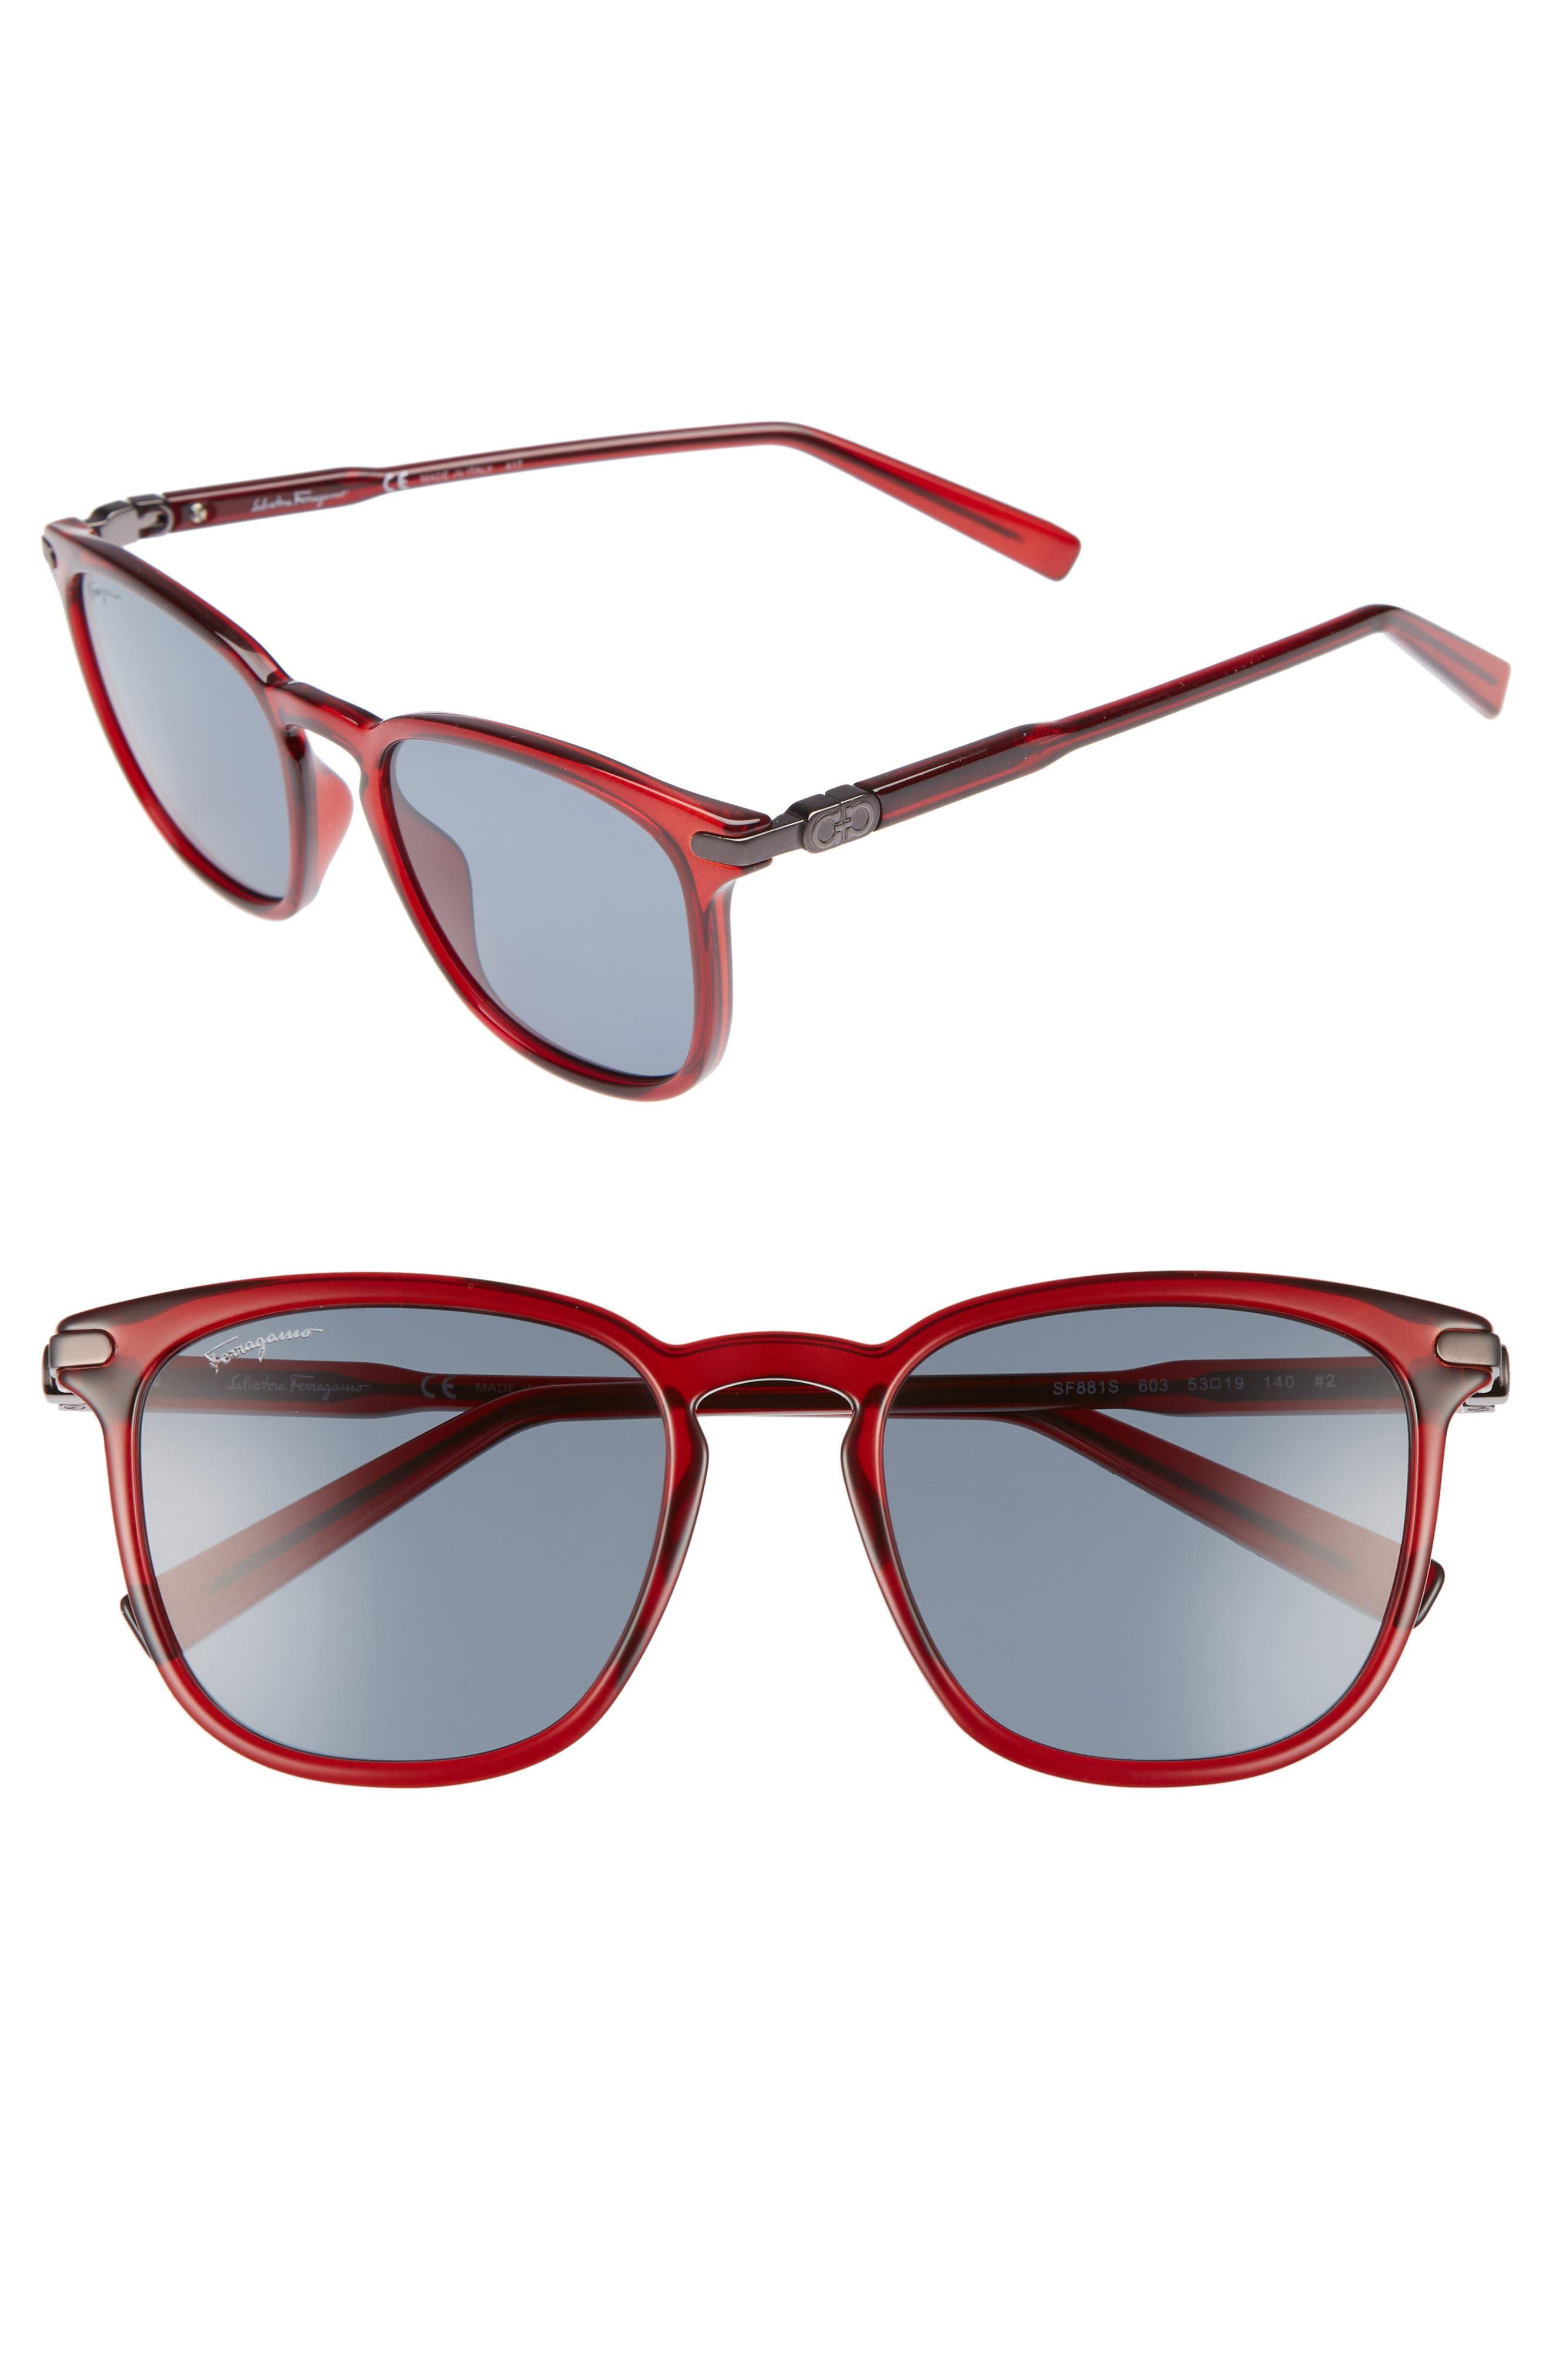 Double Gancio 53mm Sunglasses,                         Main,                         color, Bordeaux